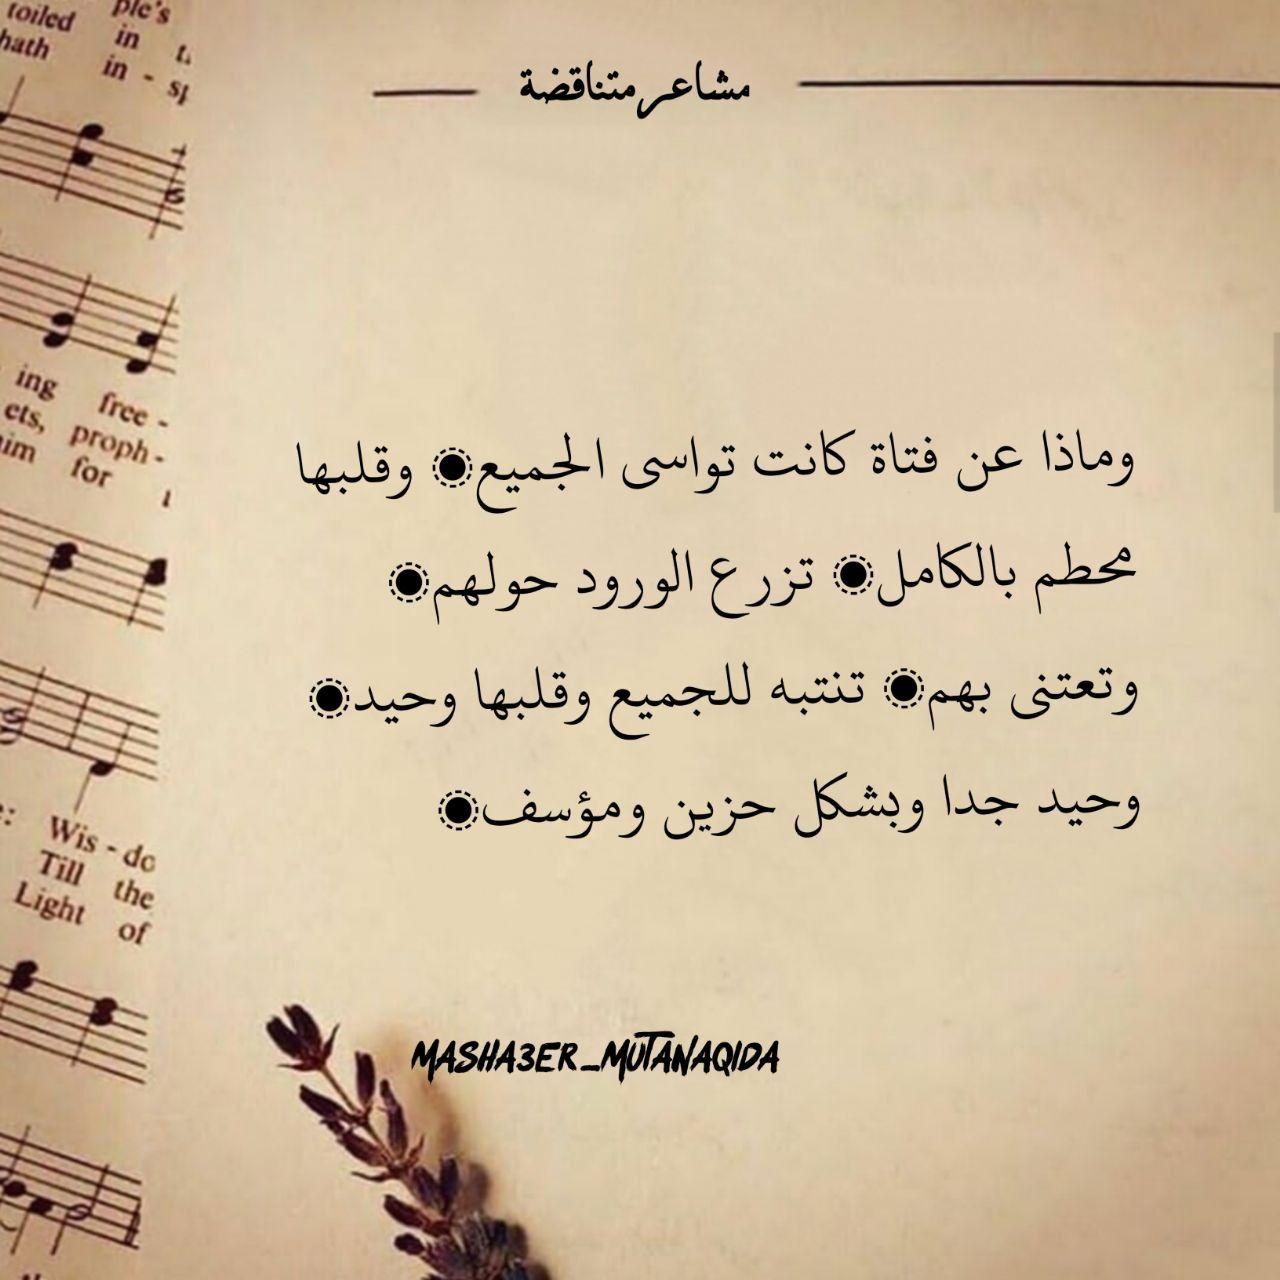 وحيد جدا وبشكل حزين ومؤسف Arabic Calligraphy Instagram Math